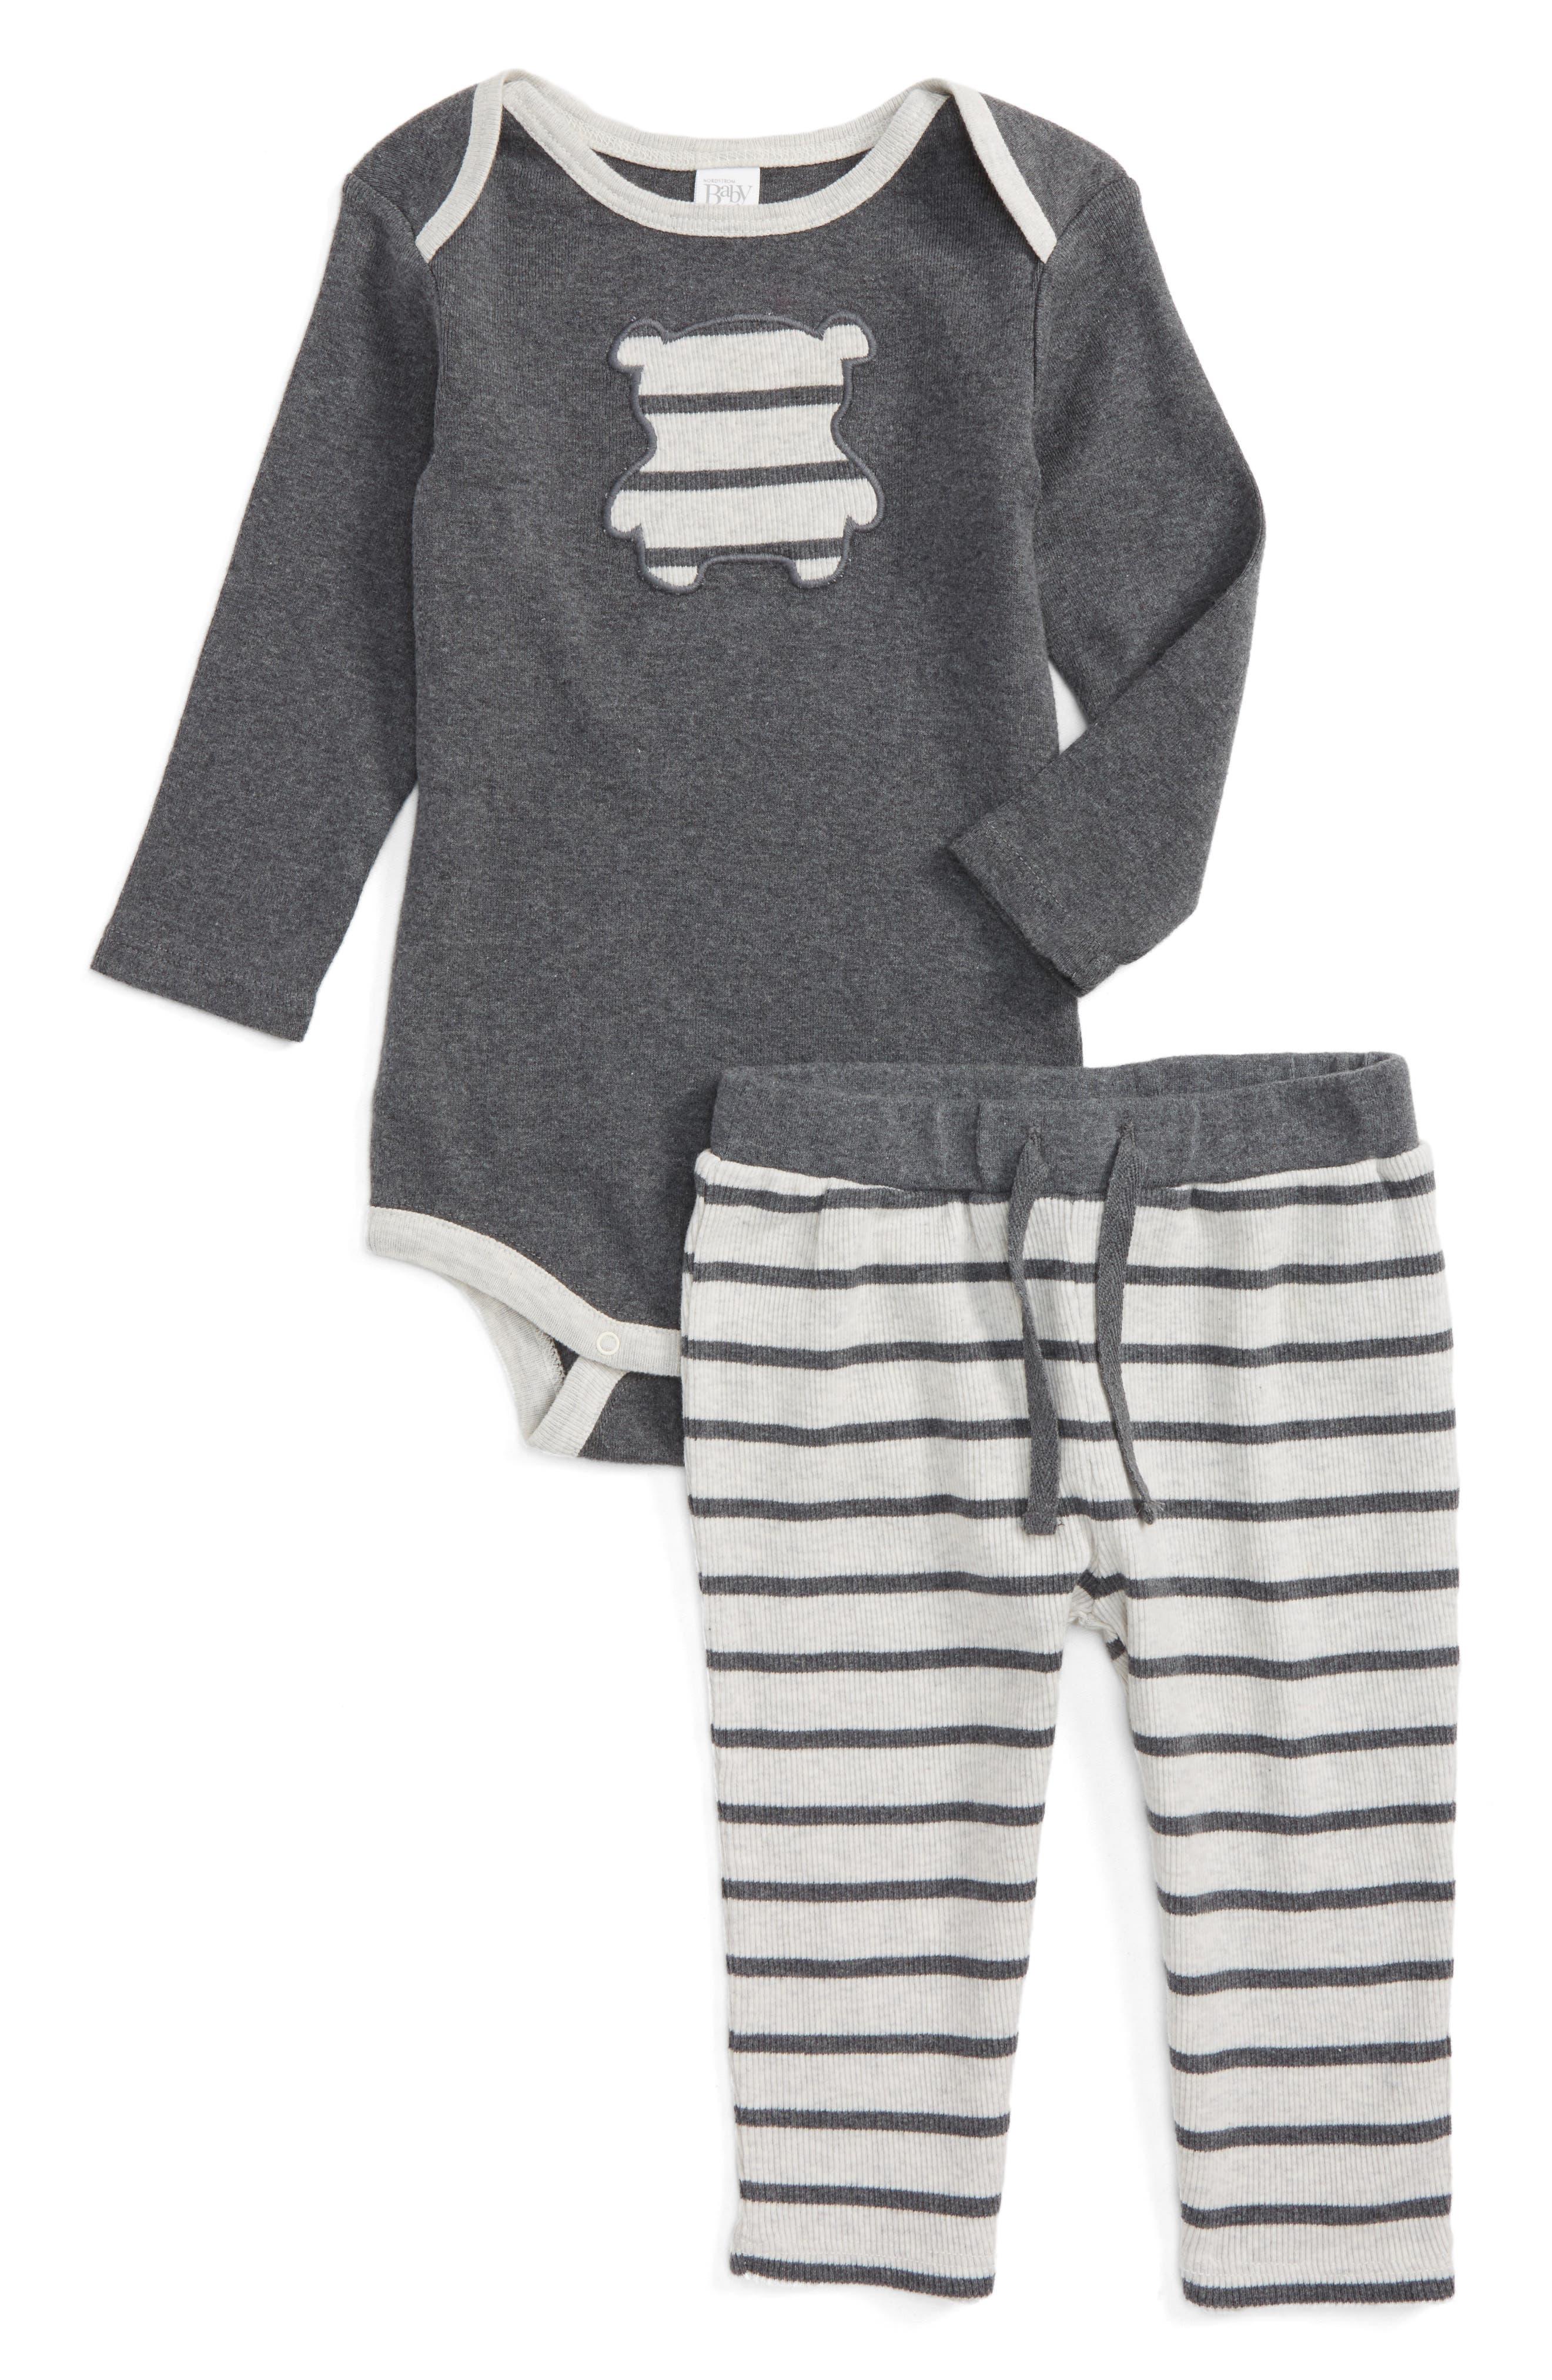 Nordstrom Baby Teddy Appliqué Bodysuit & Pants Set (Baby)